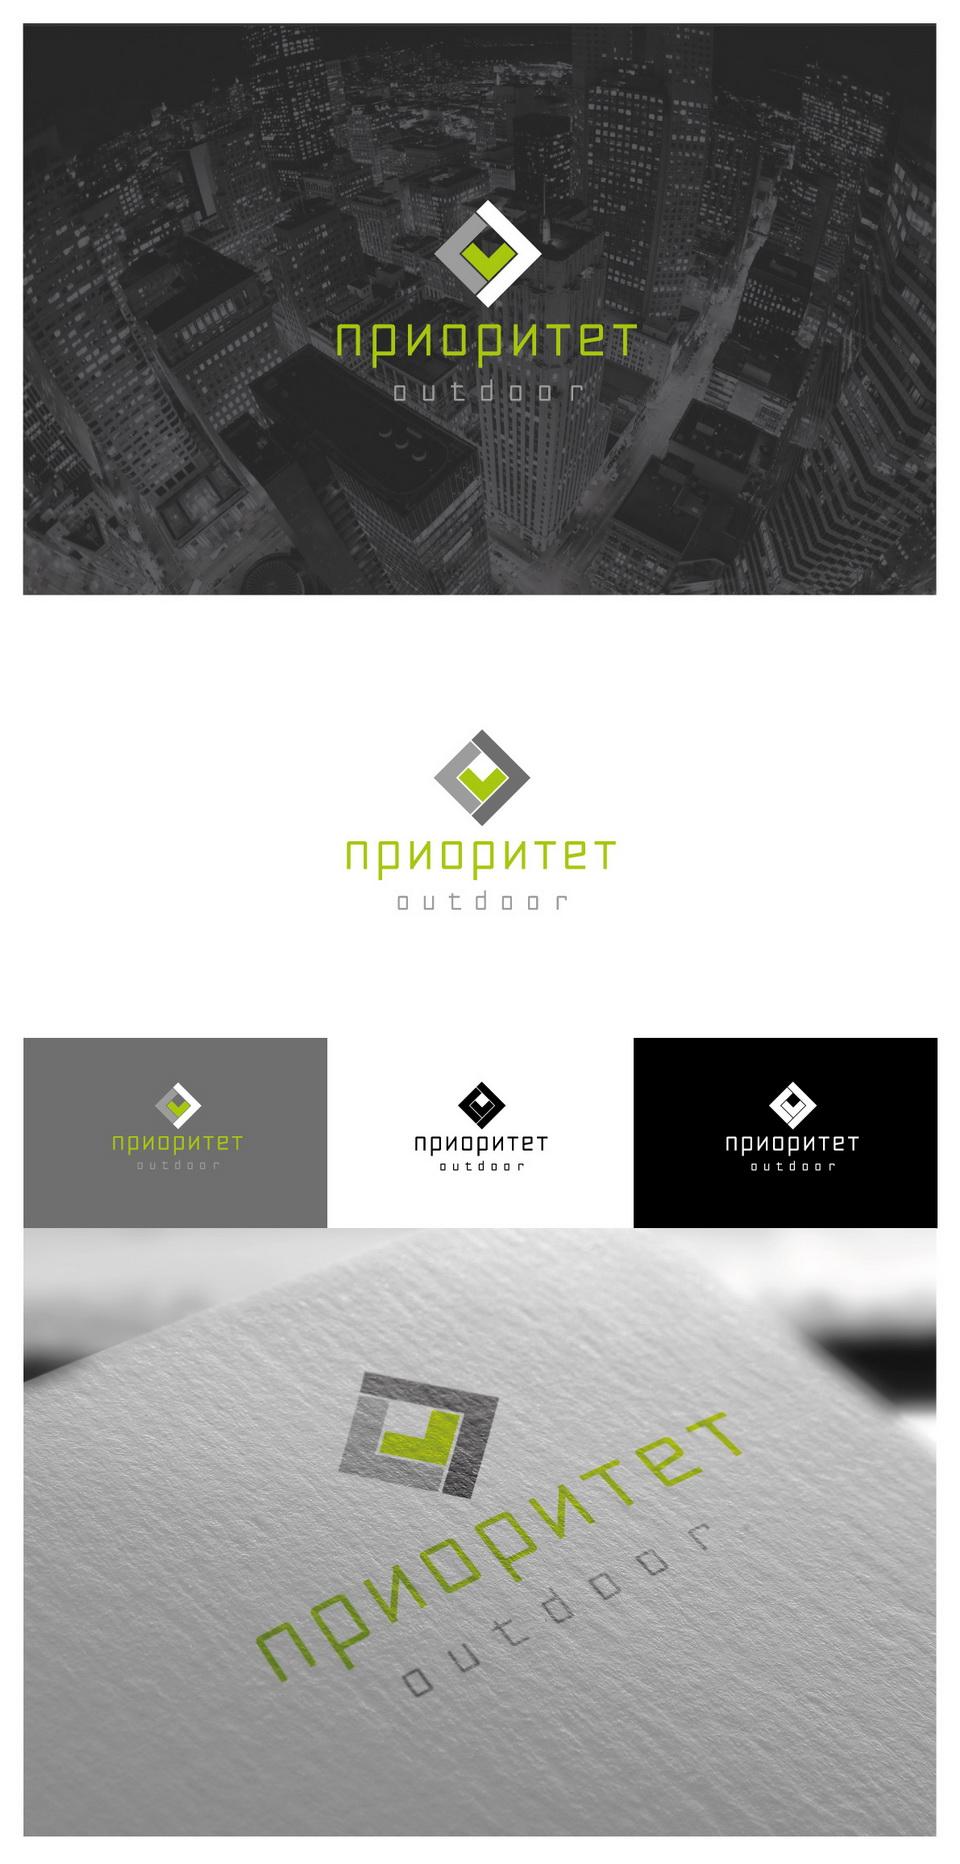 Логотип, знак, фирменный стиль, деловая документация, наружная реклама, ПРИОРИТЕТ